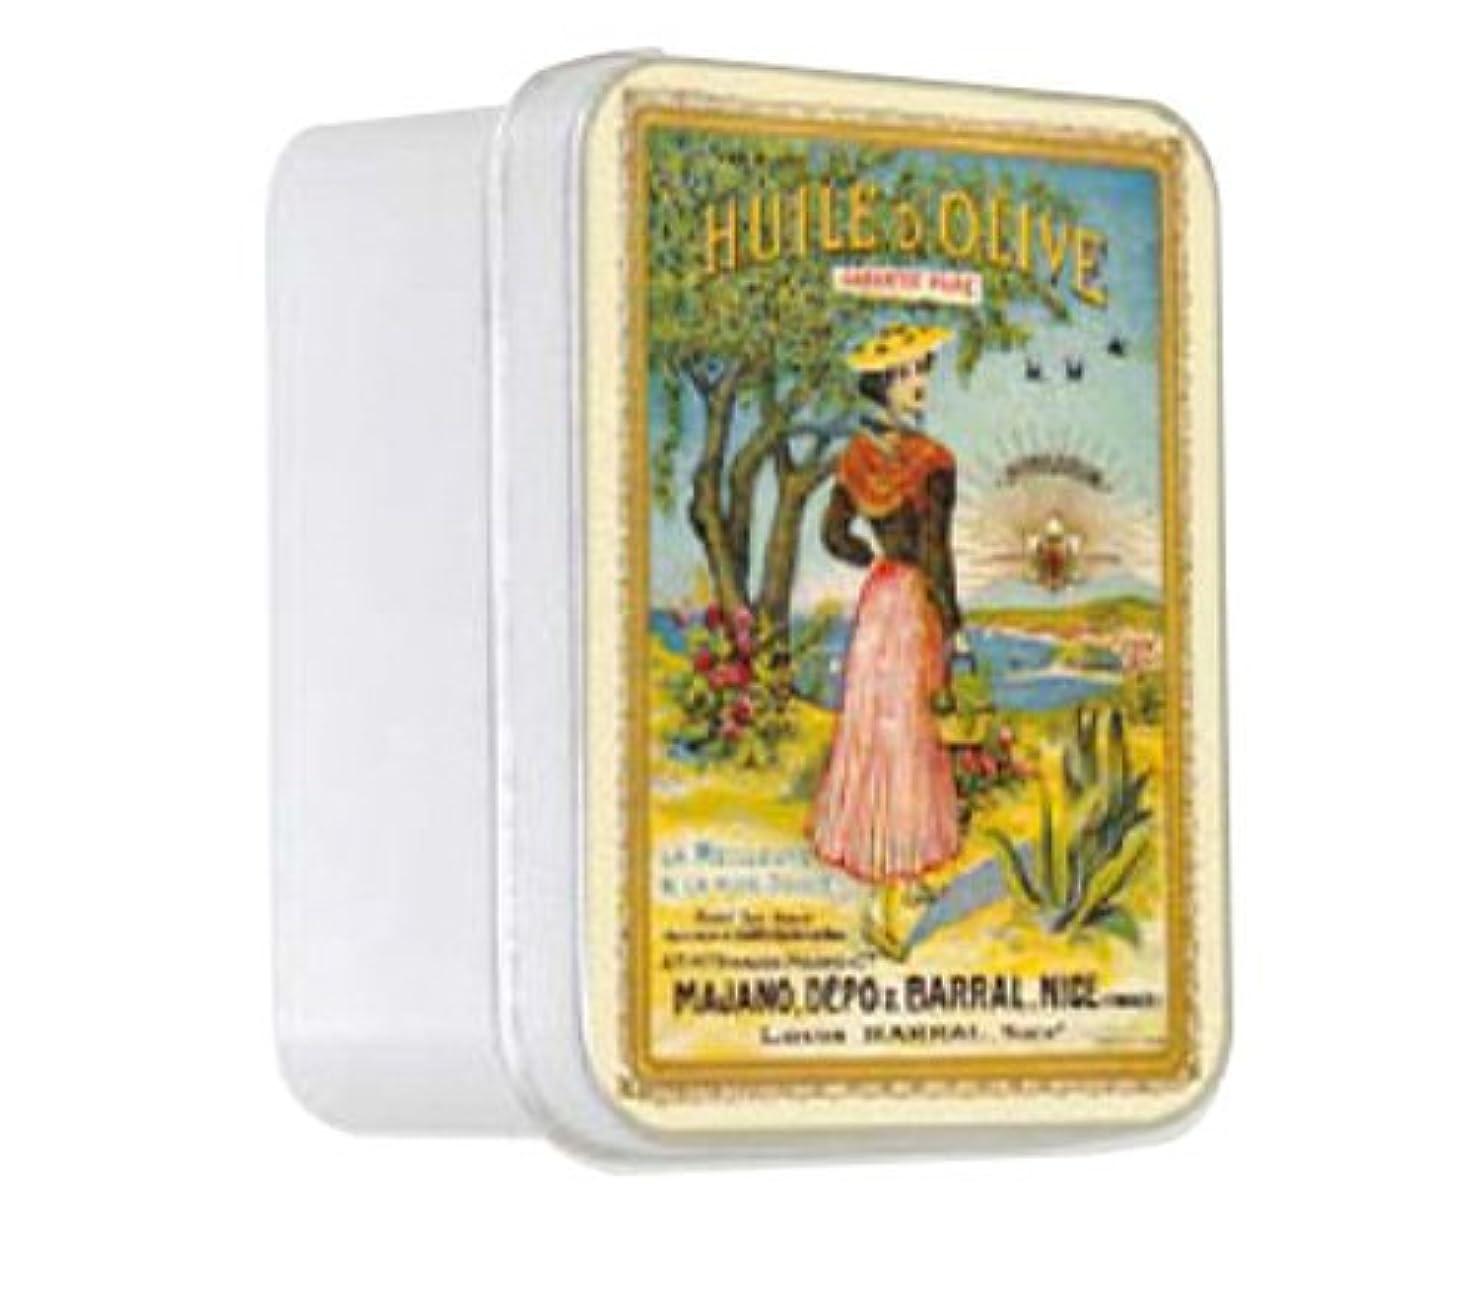 ダイジェスト大混乱タクシールブランソープ メタルボックス(ラ ニソワーズ?オリーブの香り)石鹸